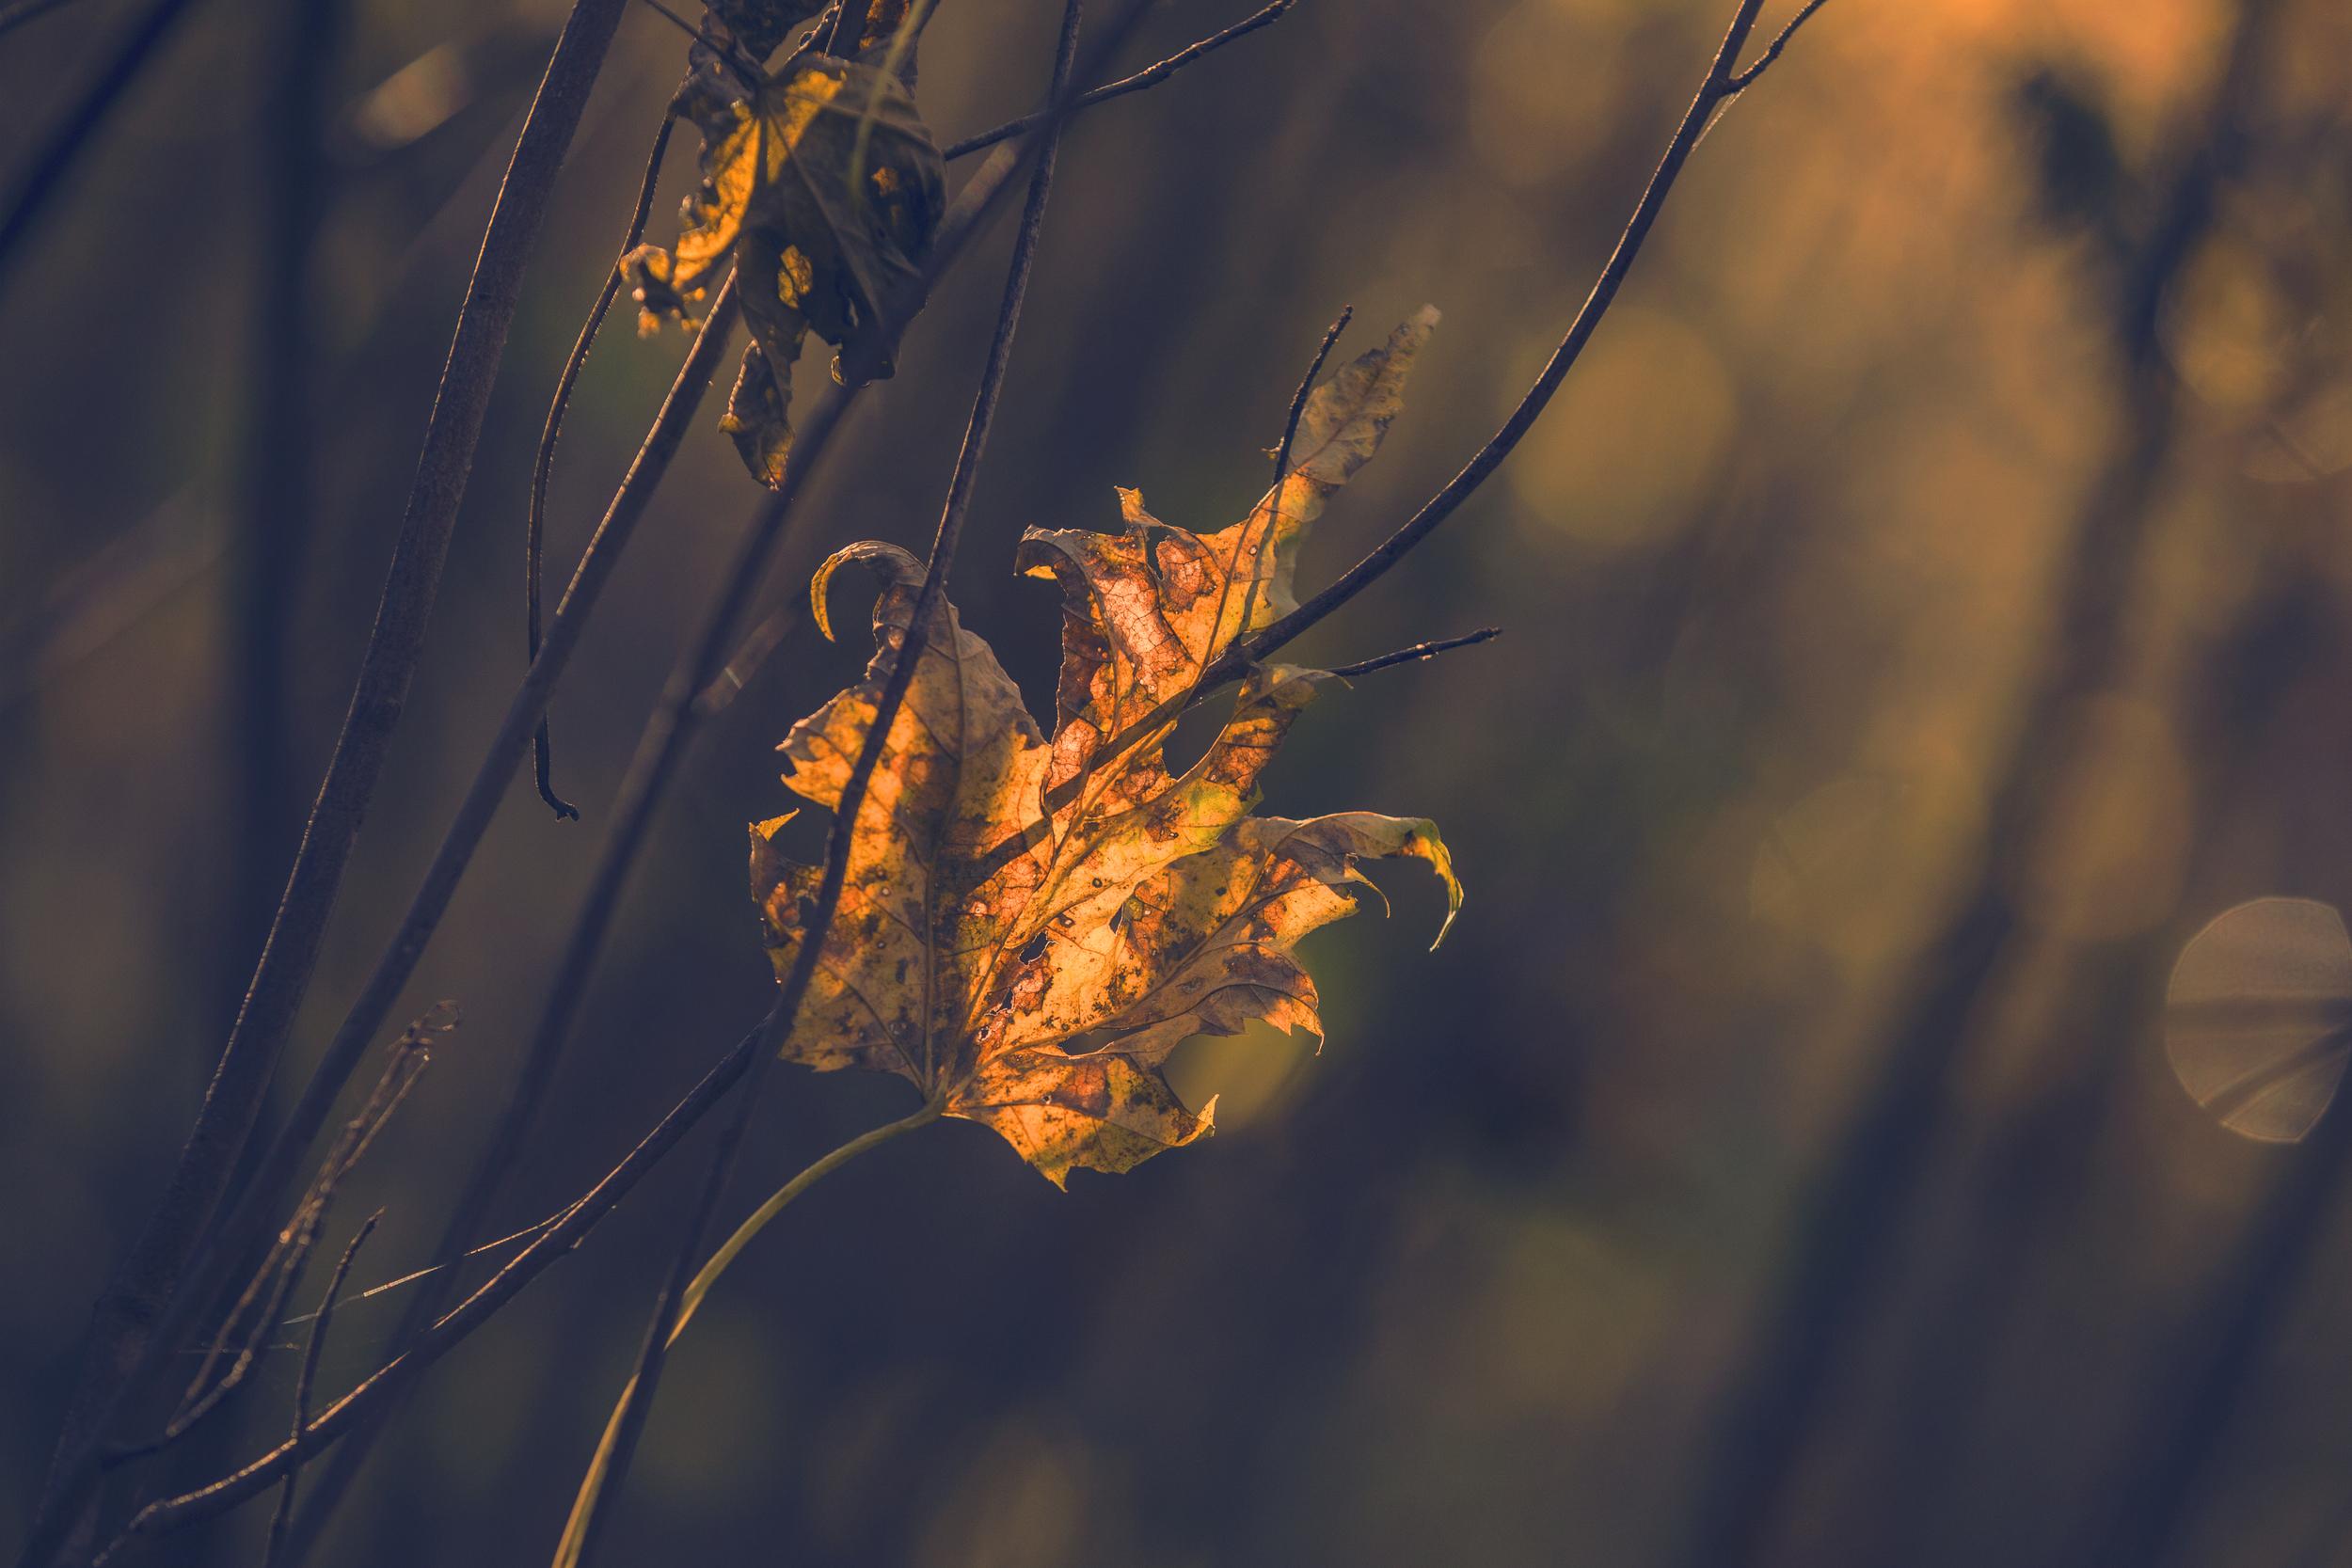 leaf-1 copy.jpg